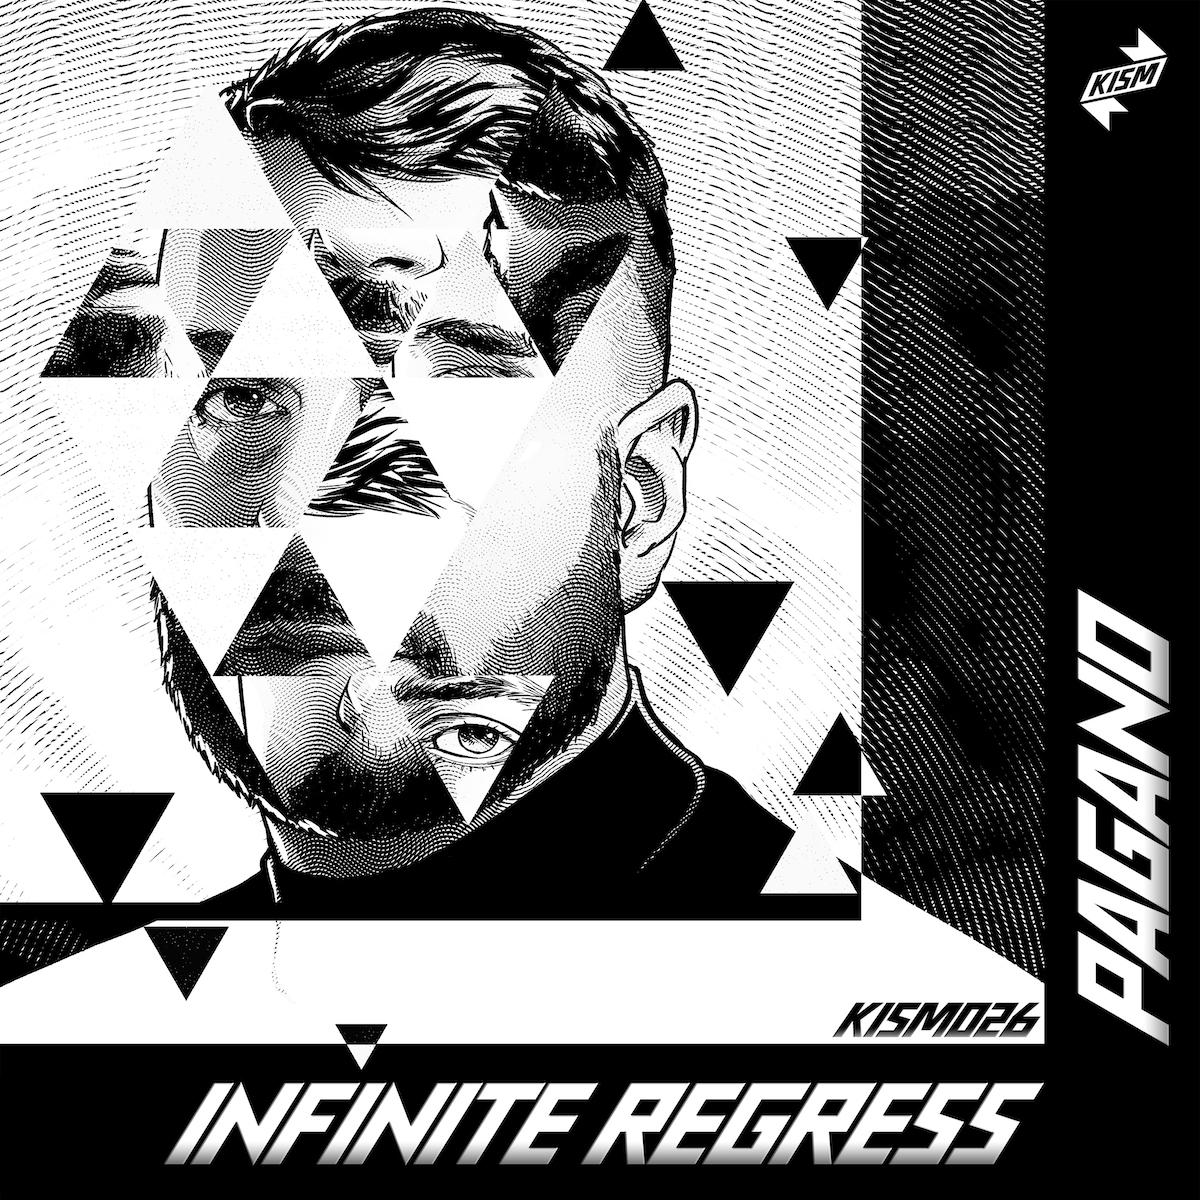 Read more about the article Le producteur Italien et fondateur de Kism, Pagano, signe un nouvel album intitulé « Infinite Regress »